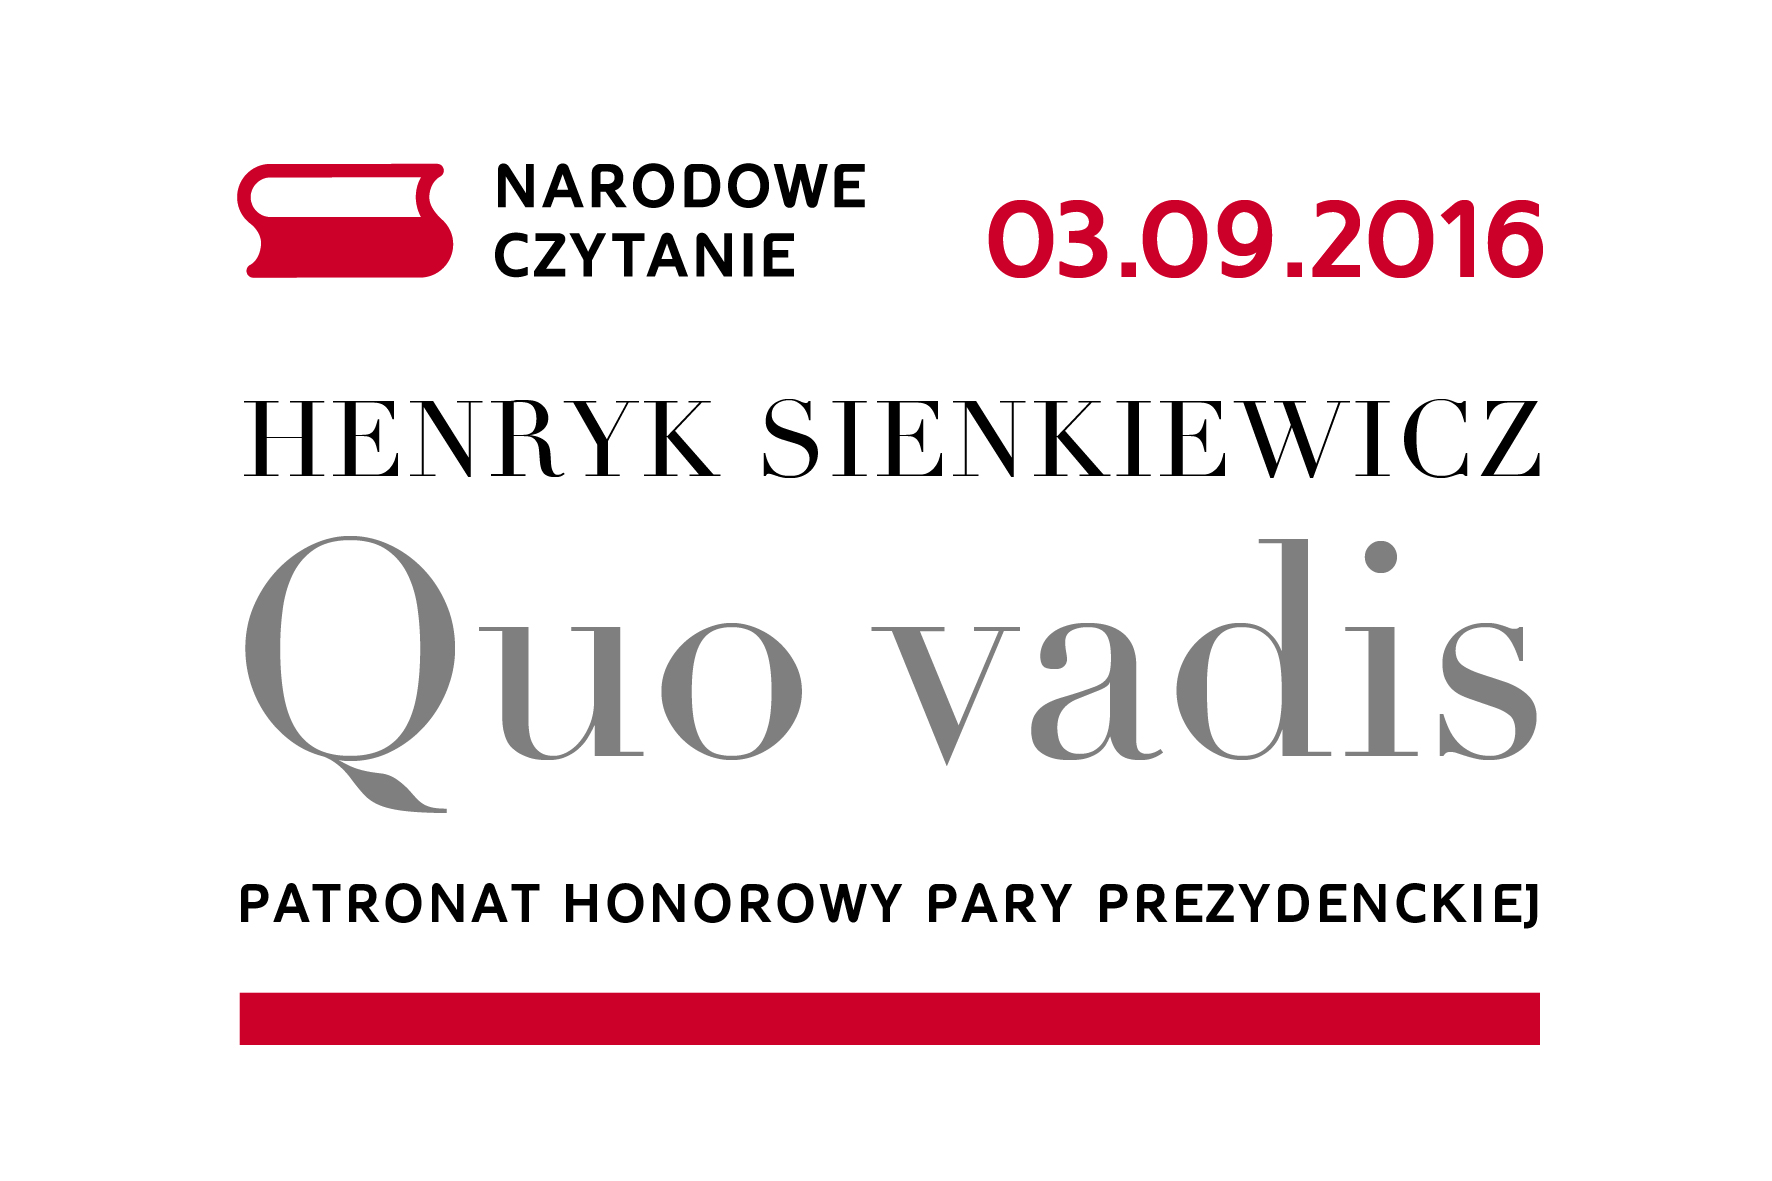 Banner NARODOWE CZYTANIE 03.09.2016 HENRYK SIENKIEWICZ Quo vadis PATRONAT HONOROWY PARY PREZYDENCKIEJ